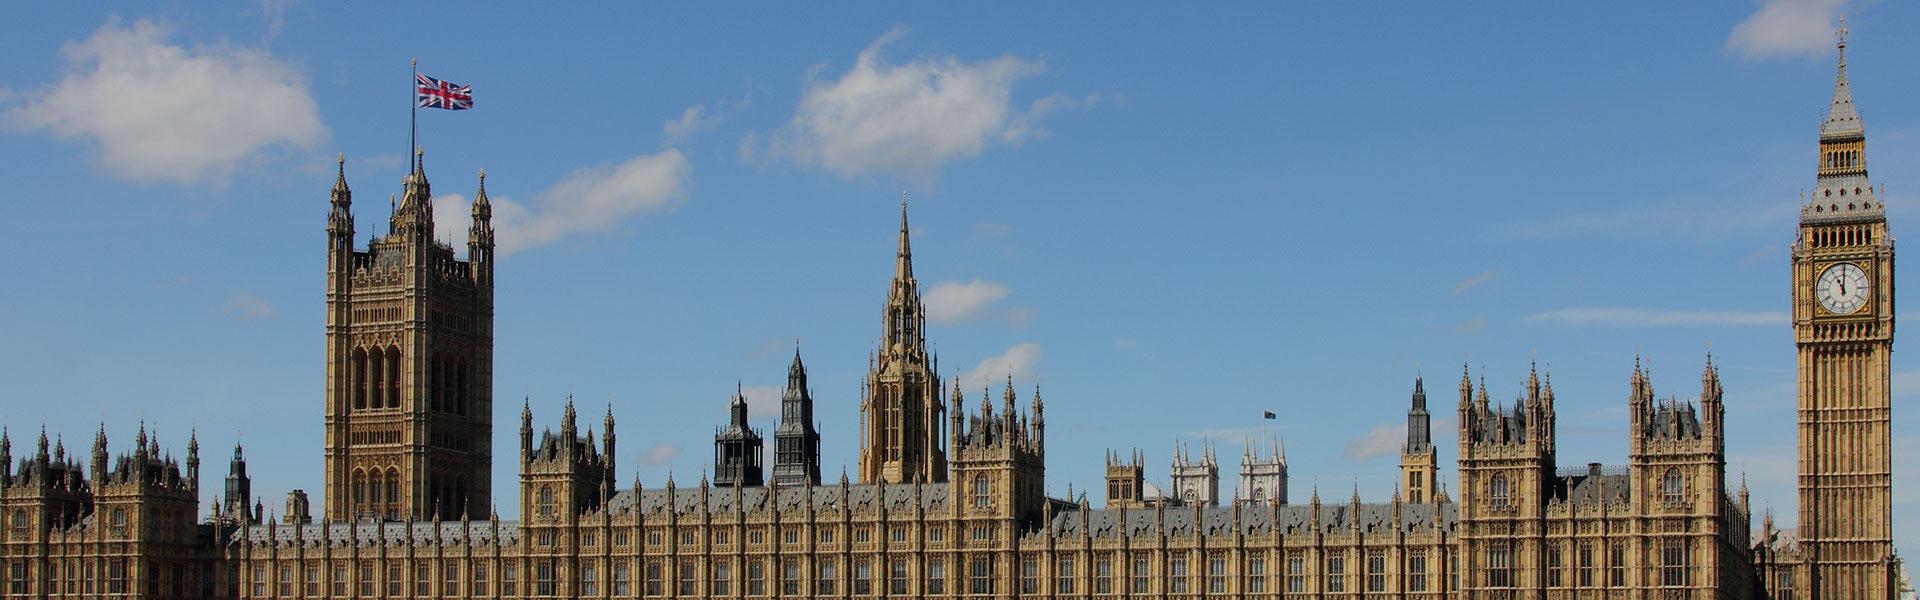 Big Ben et les Chambres du Parlement